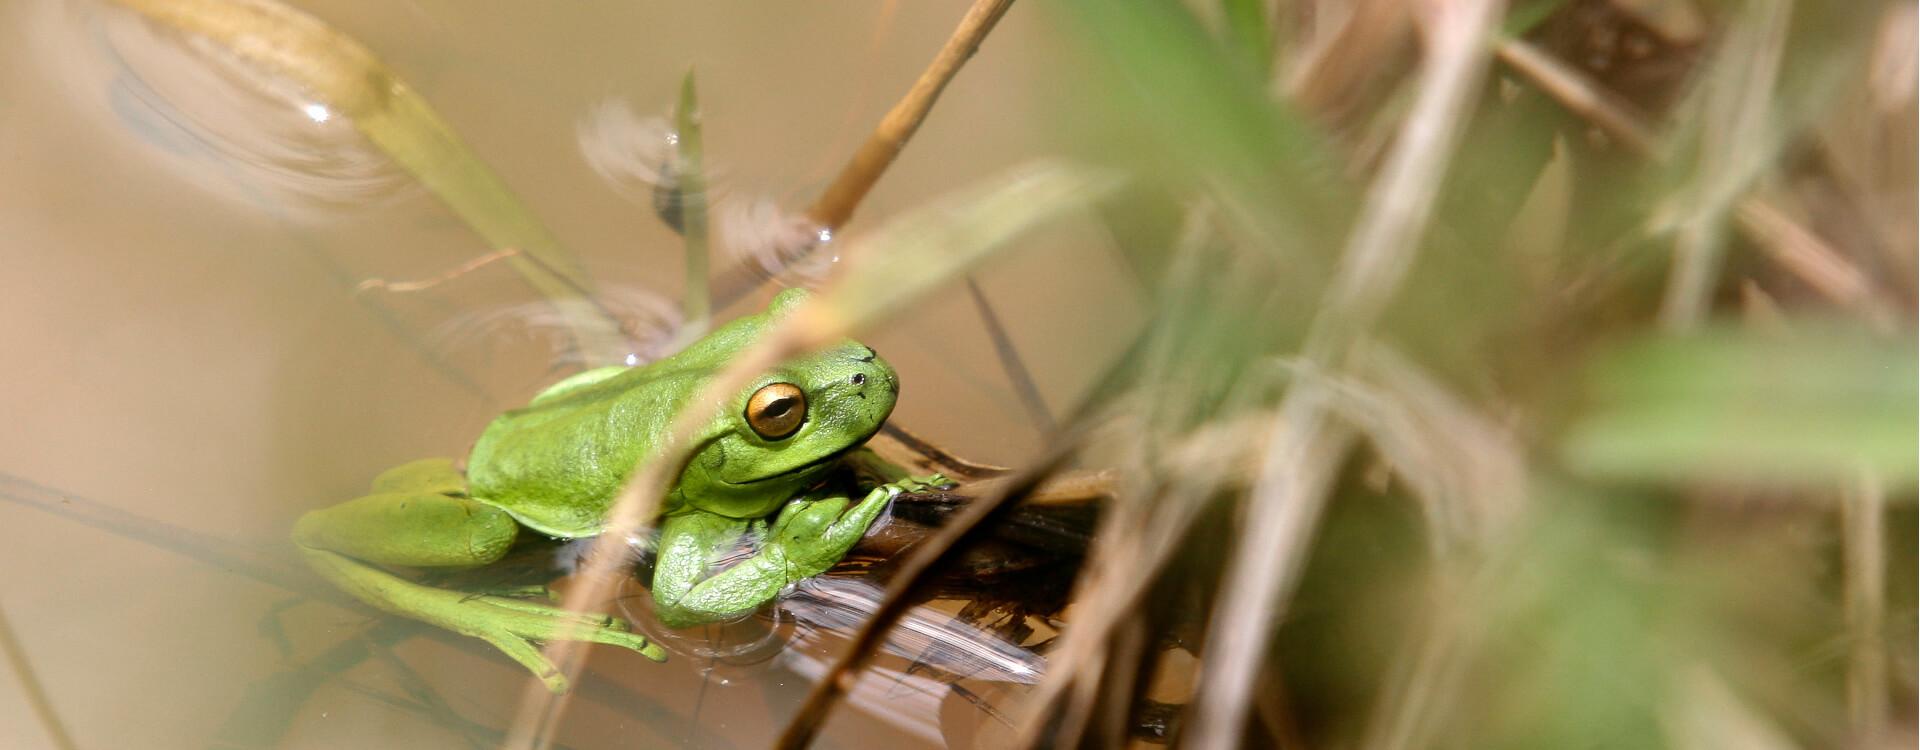 Investigación de Los Andes sobre un hongo que está extinguiendo a las ranas de Colombia. En la foto, una rana en su hábitat.